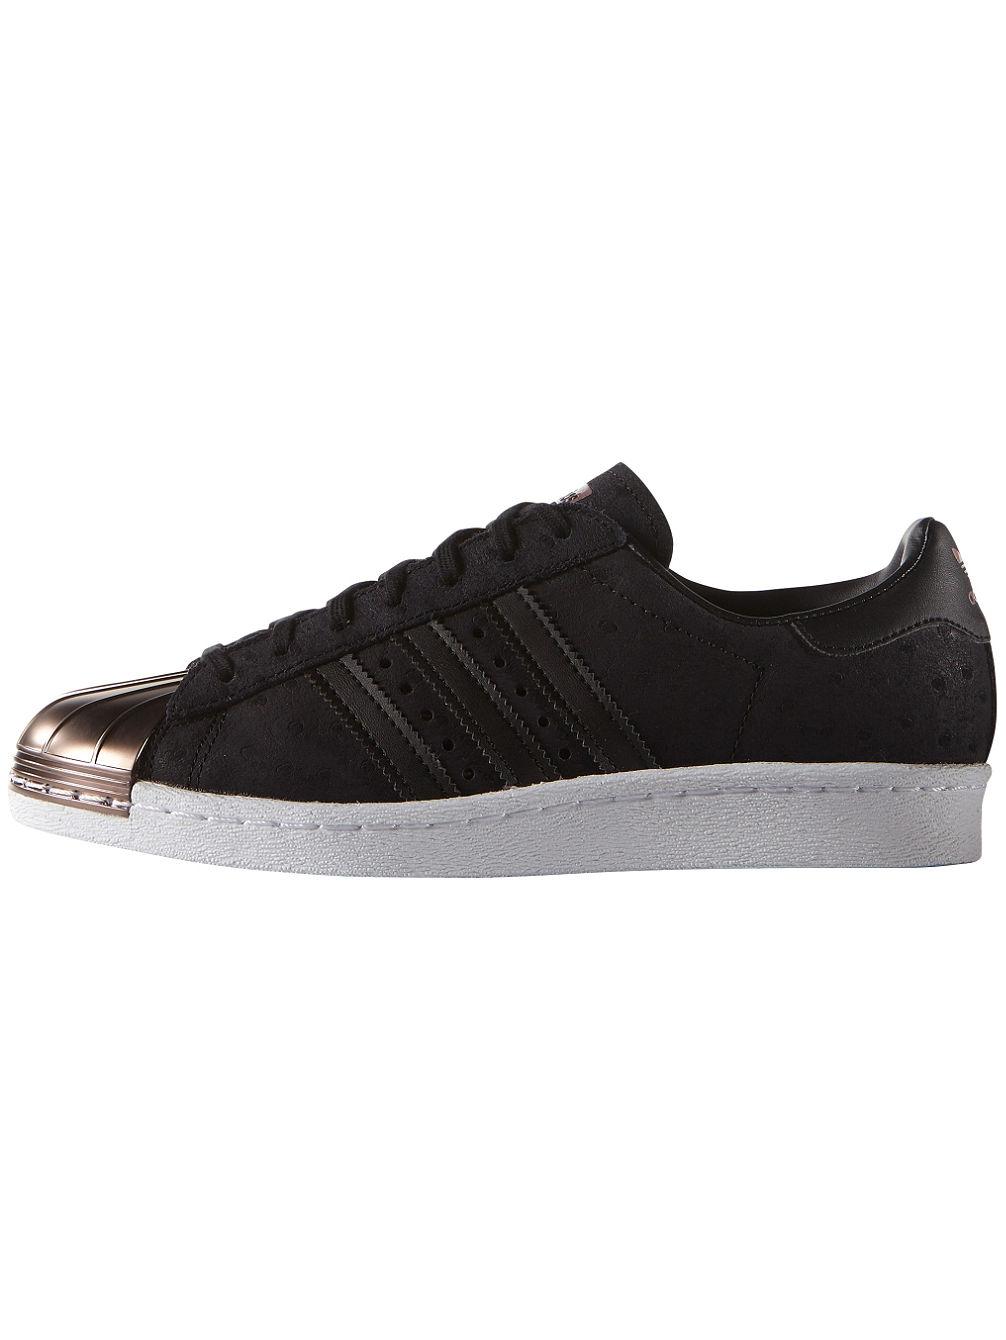 adidas-originals-superstar-80s-metal-toe-sneakers-women